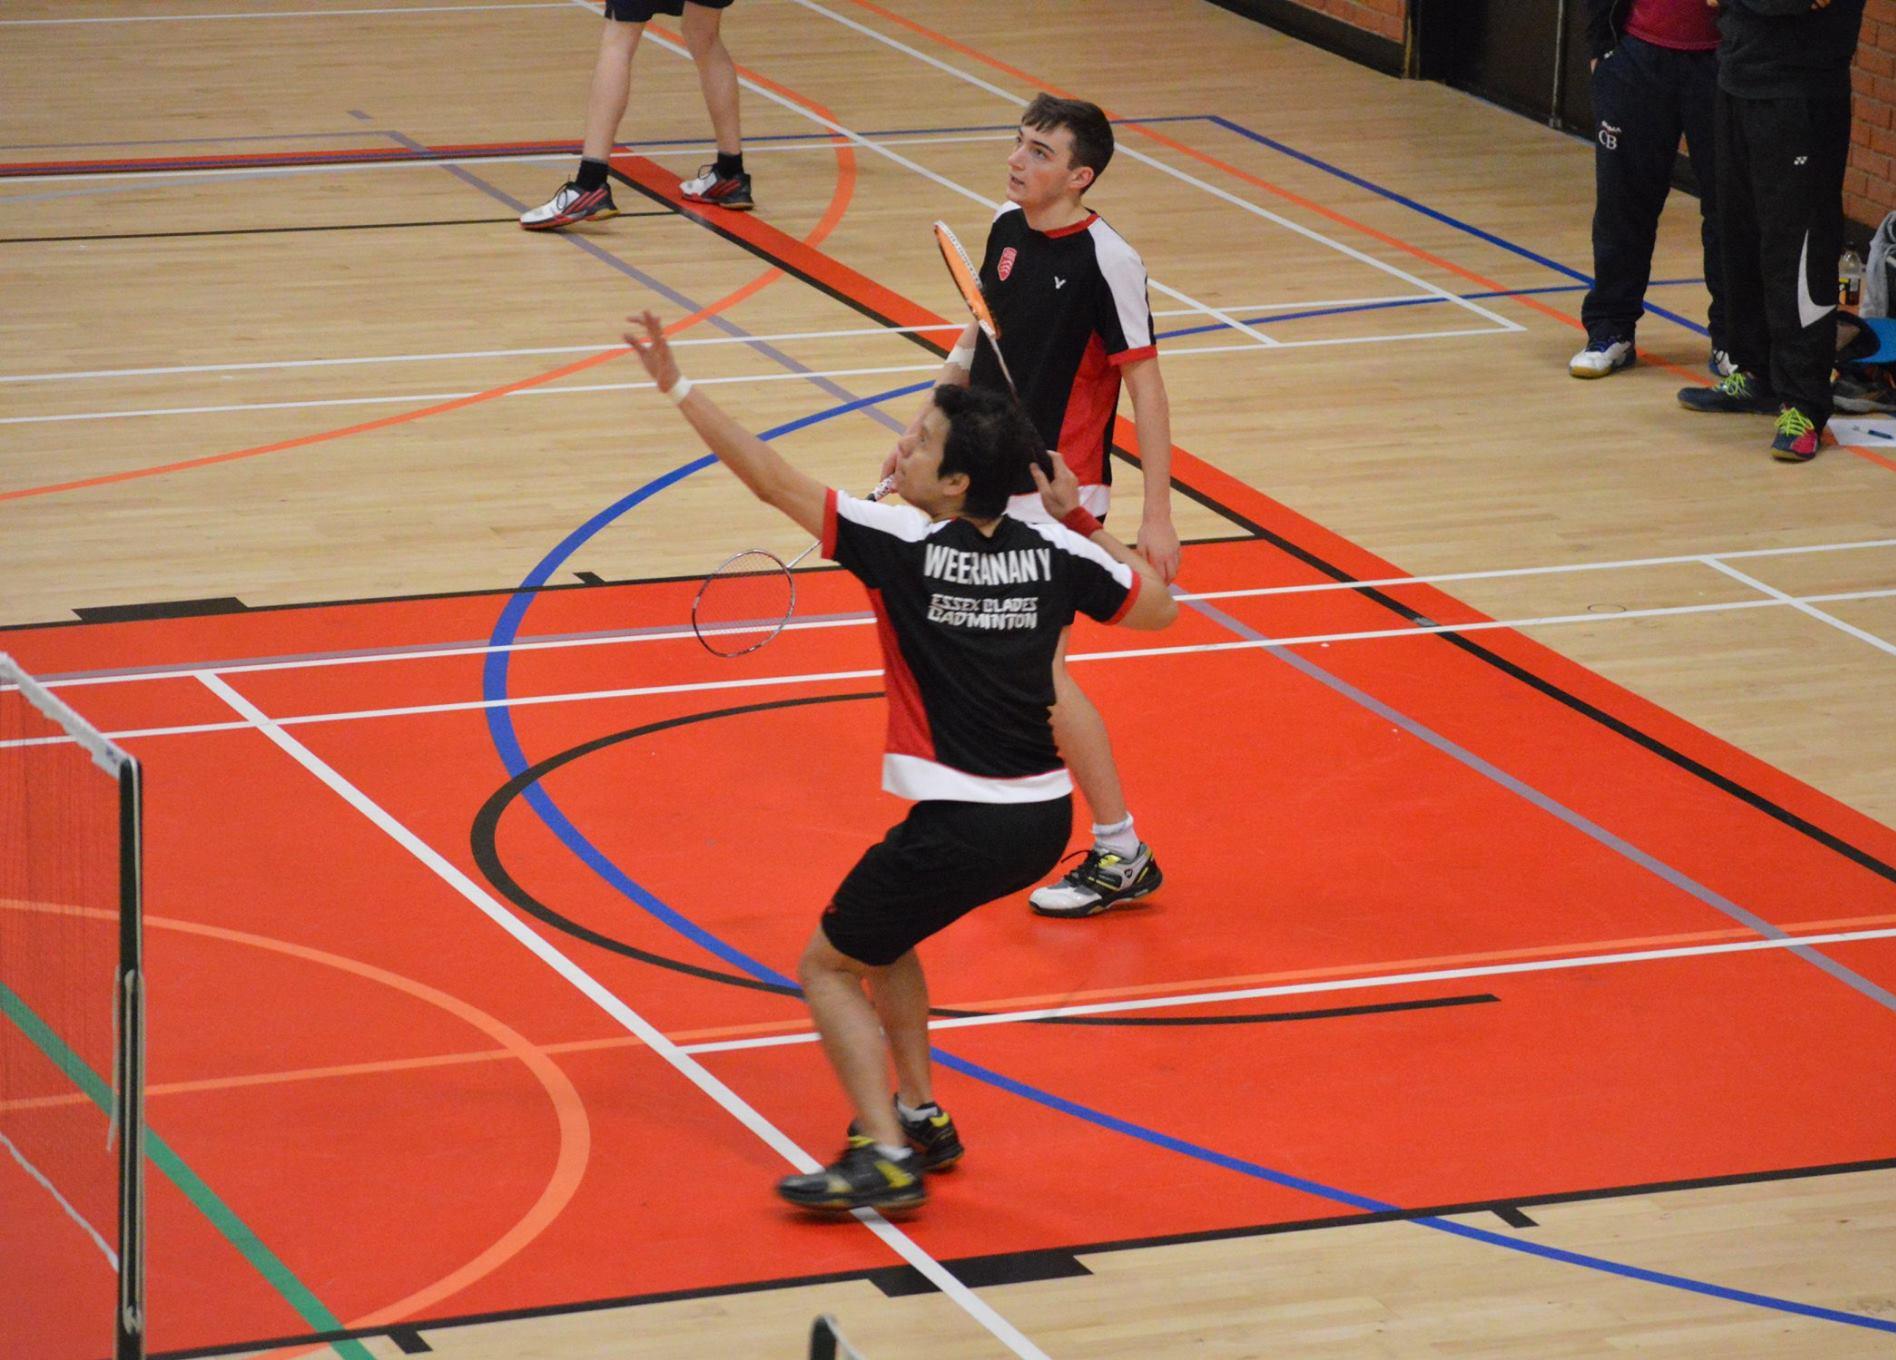 essex badminton team